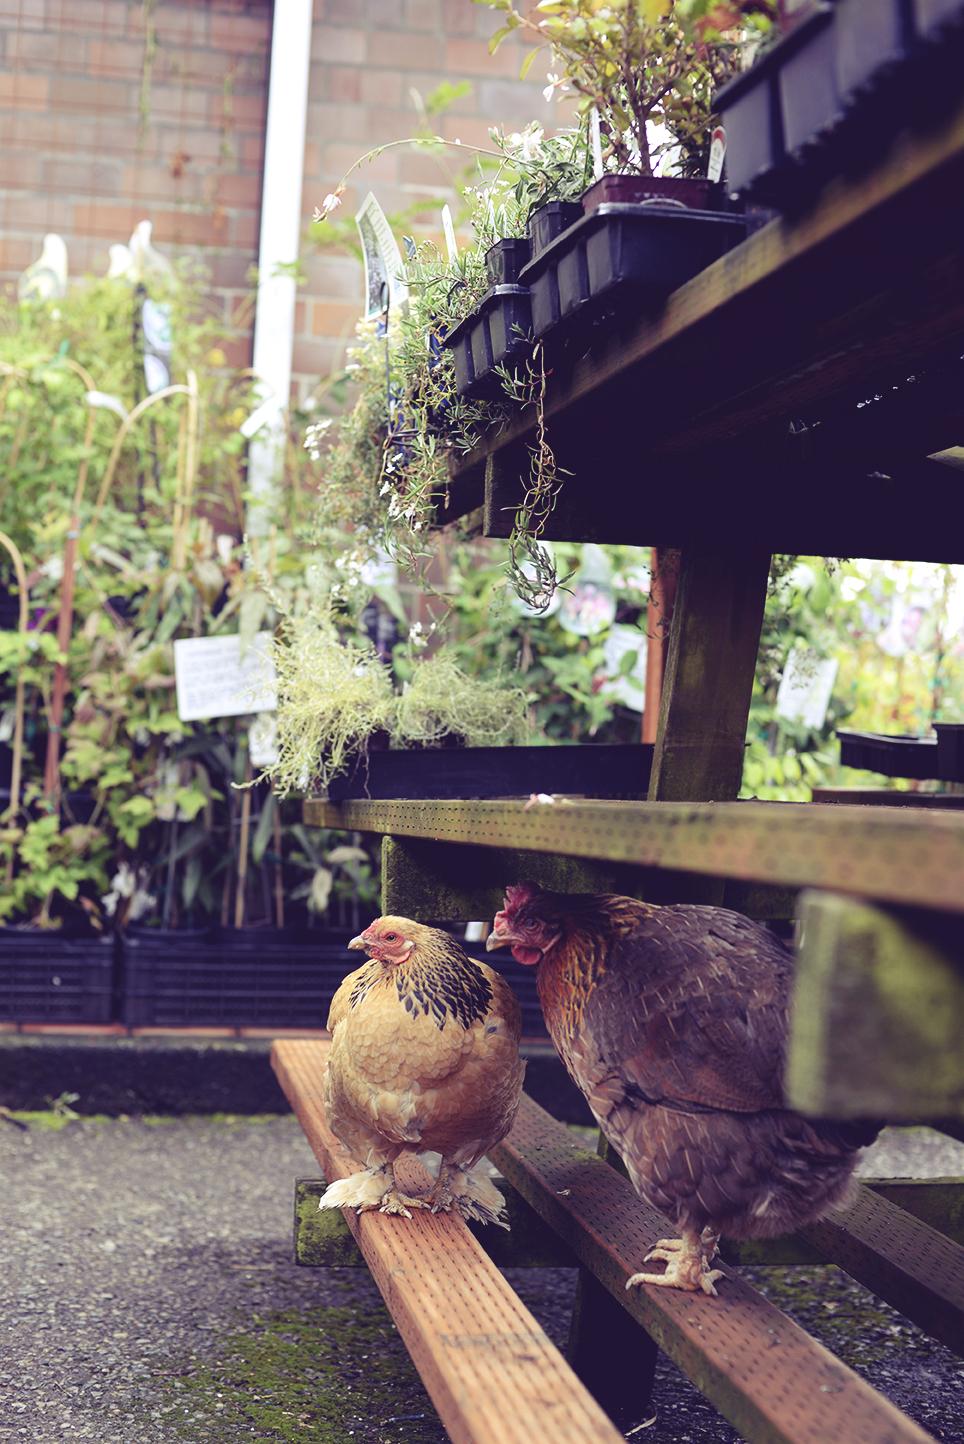 Chickens2.jpg